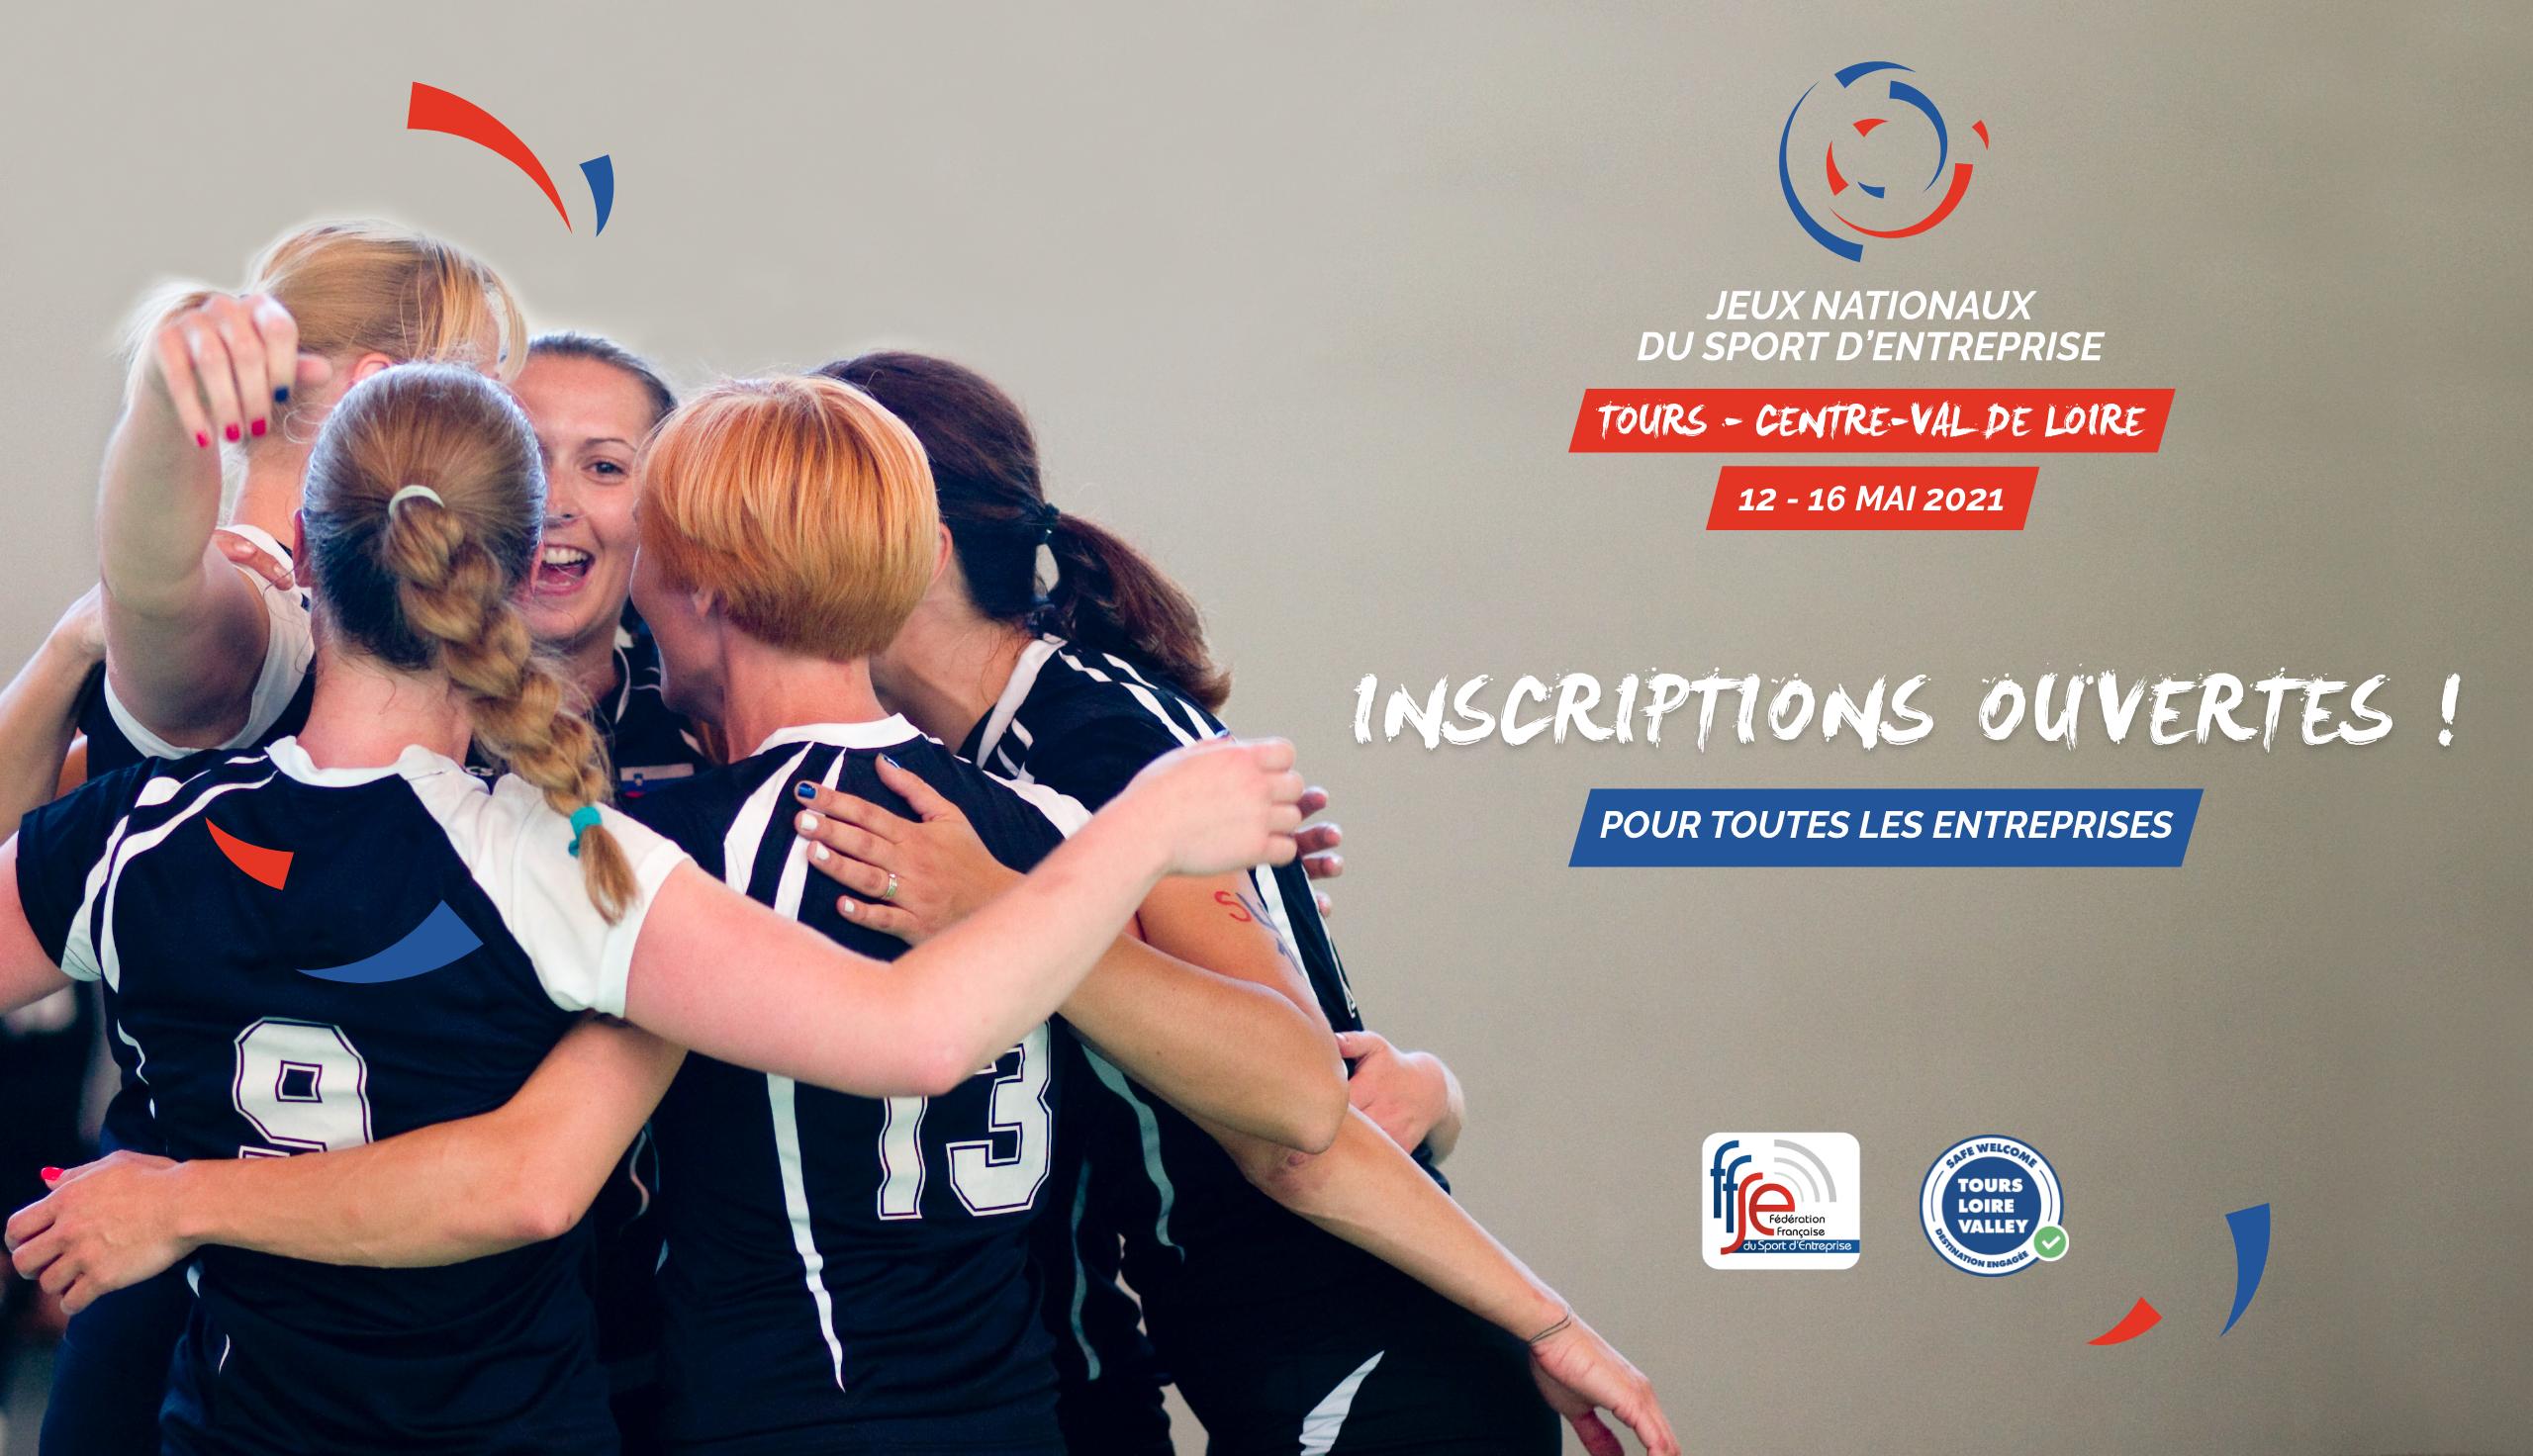 Inscriptions Jeux Nationaux du Sport d'entreprise 2021